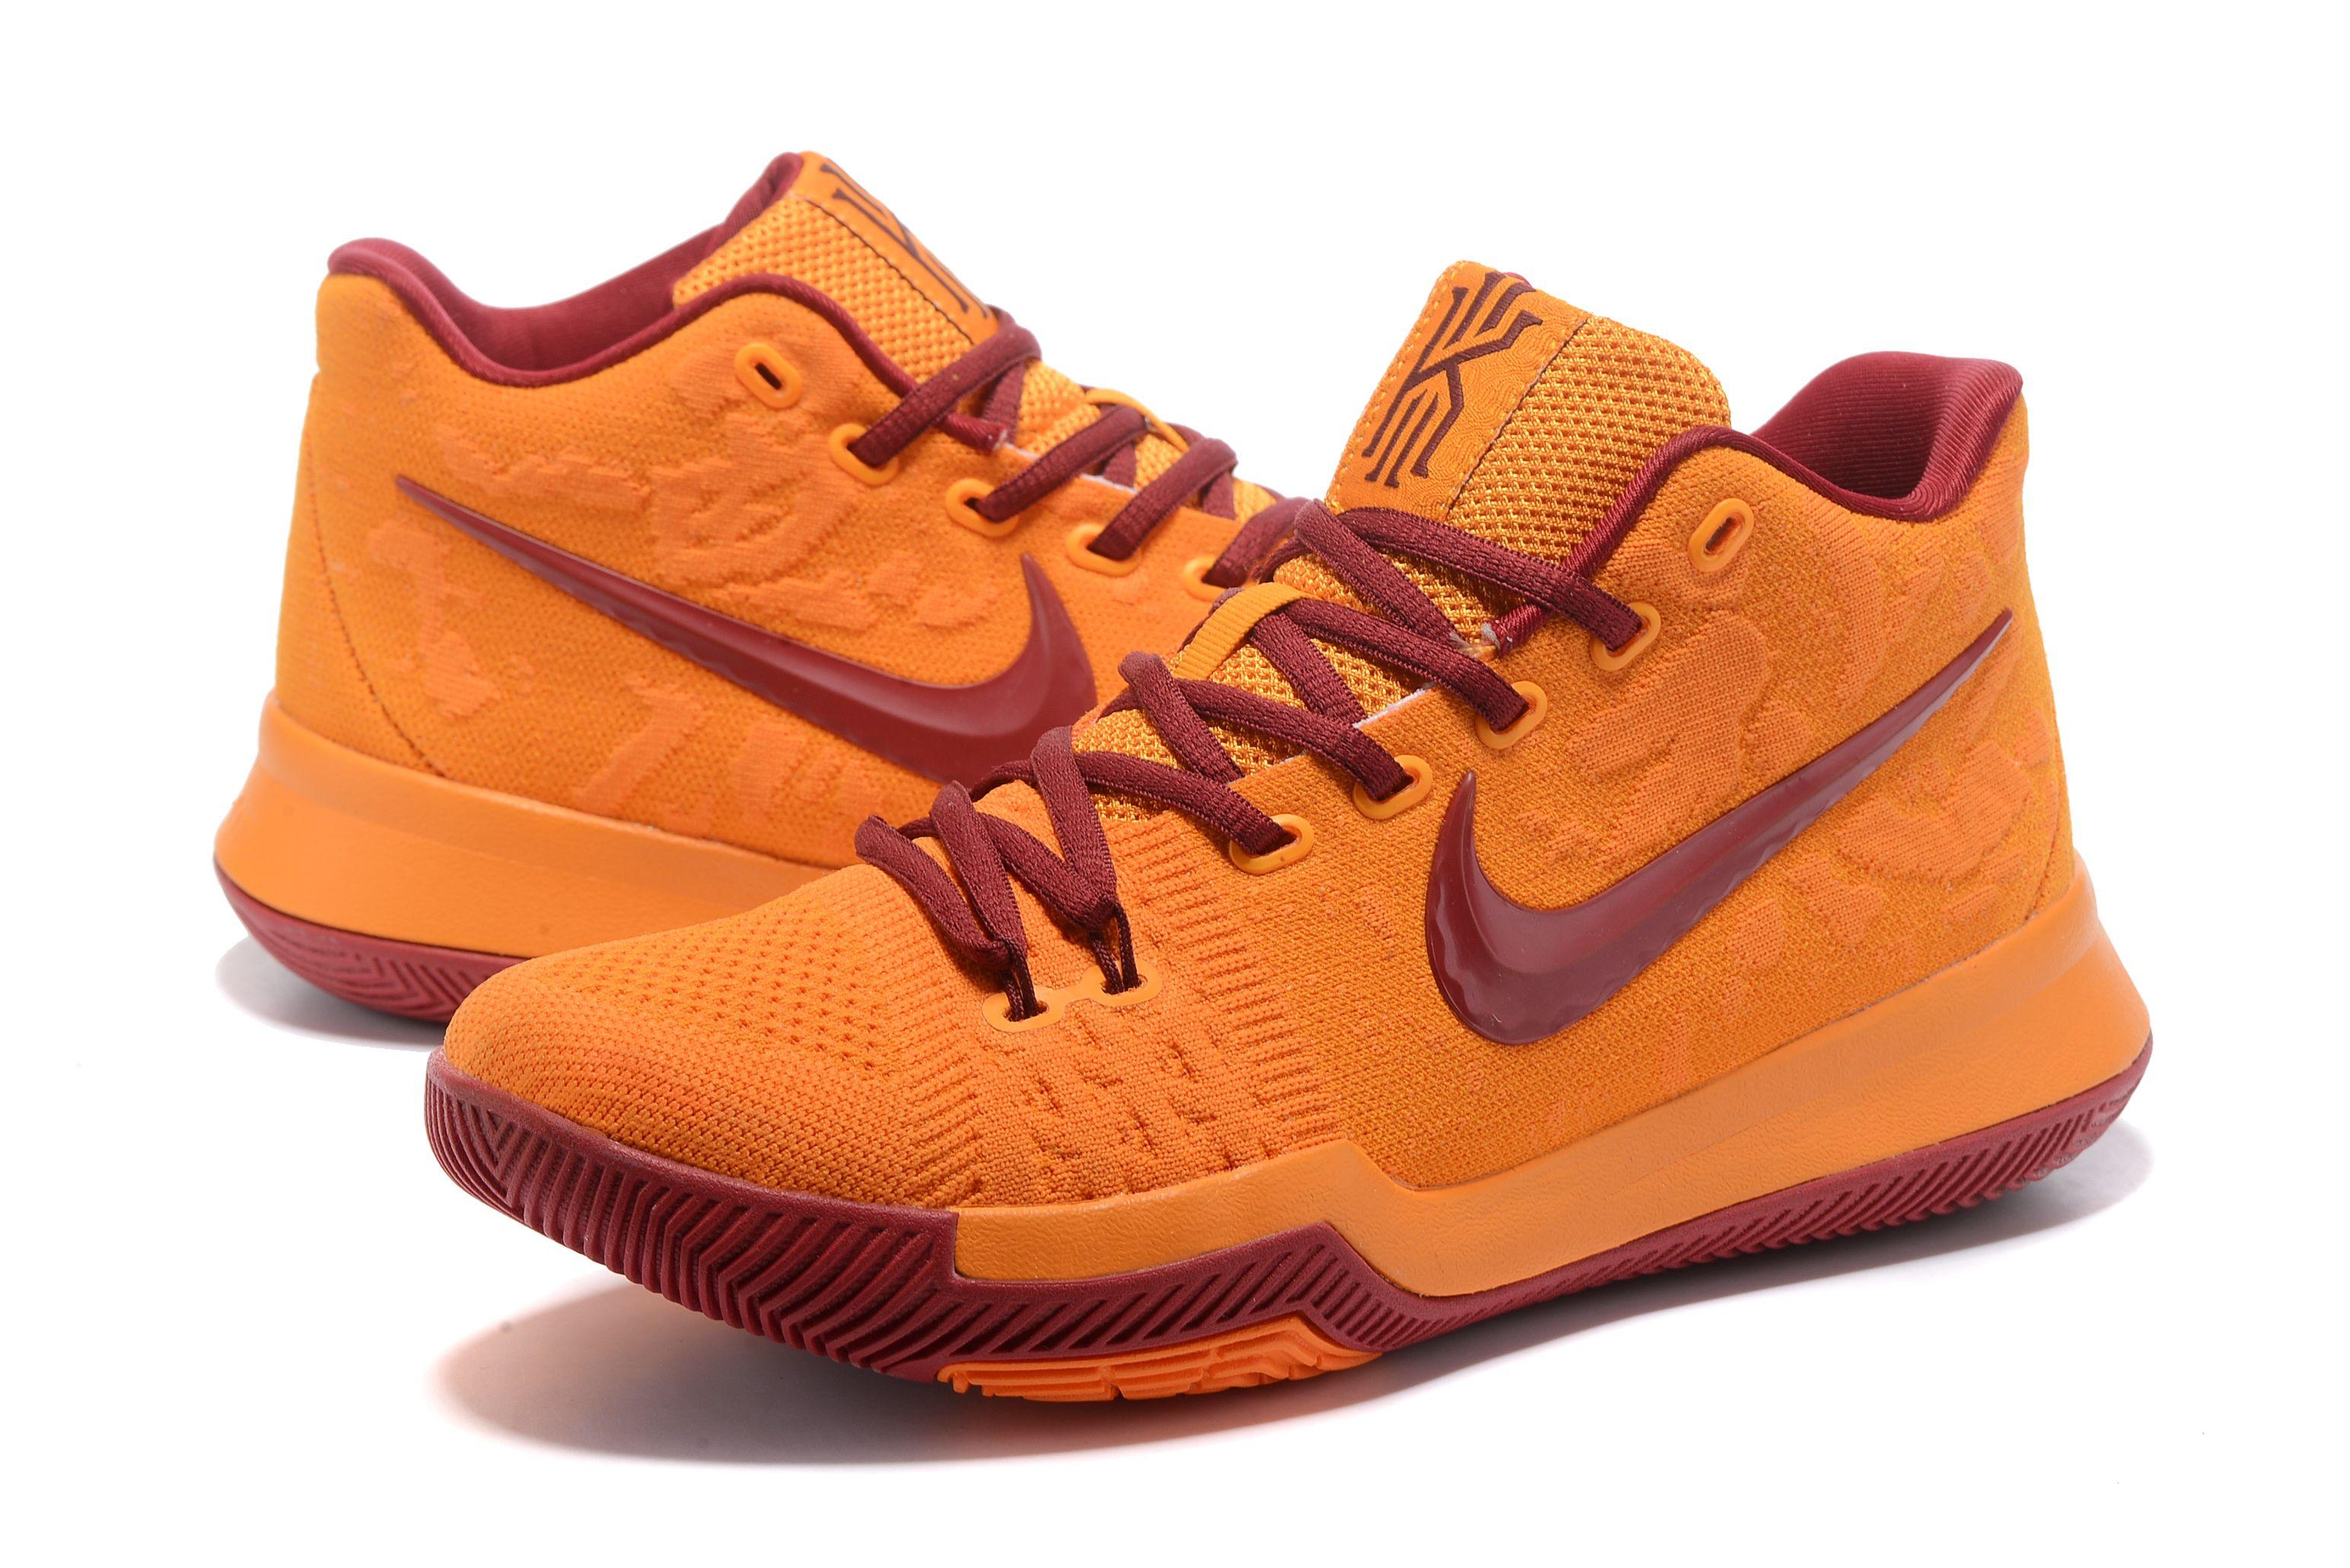 Nehmen Billig Weiß Braun Schuhe Schwarz Billig Deal Nike Kyrie 3 852417 016